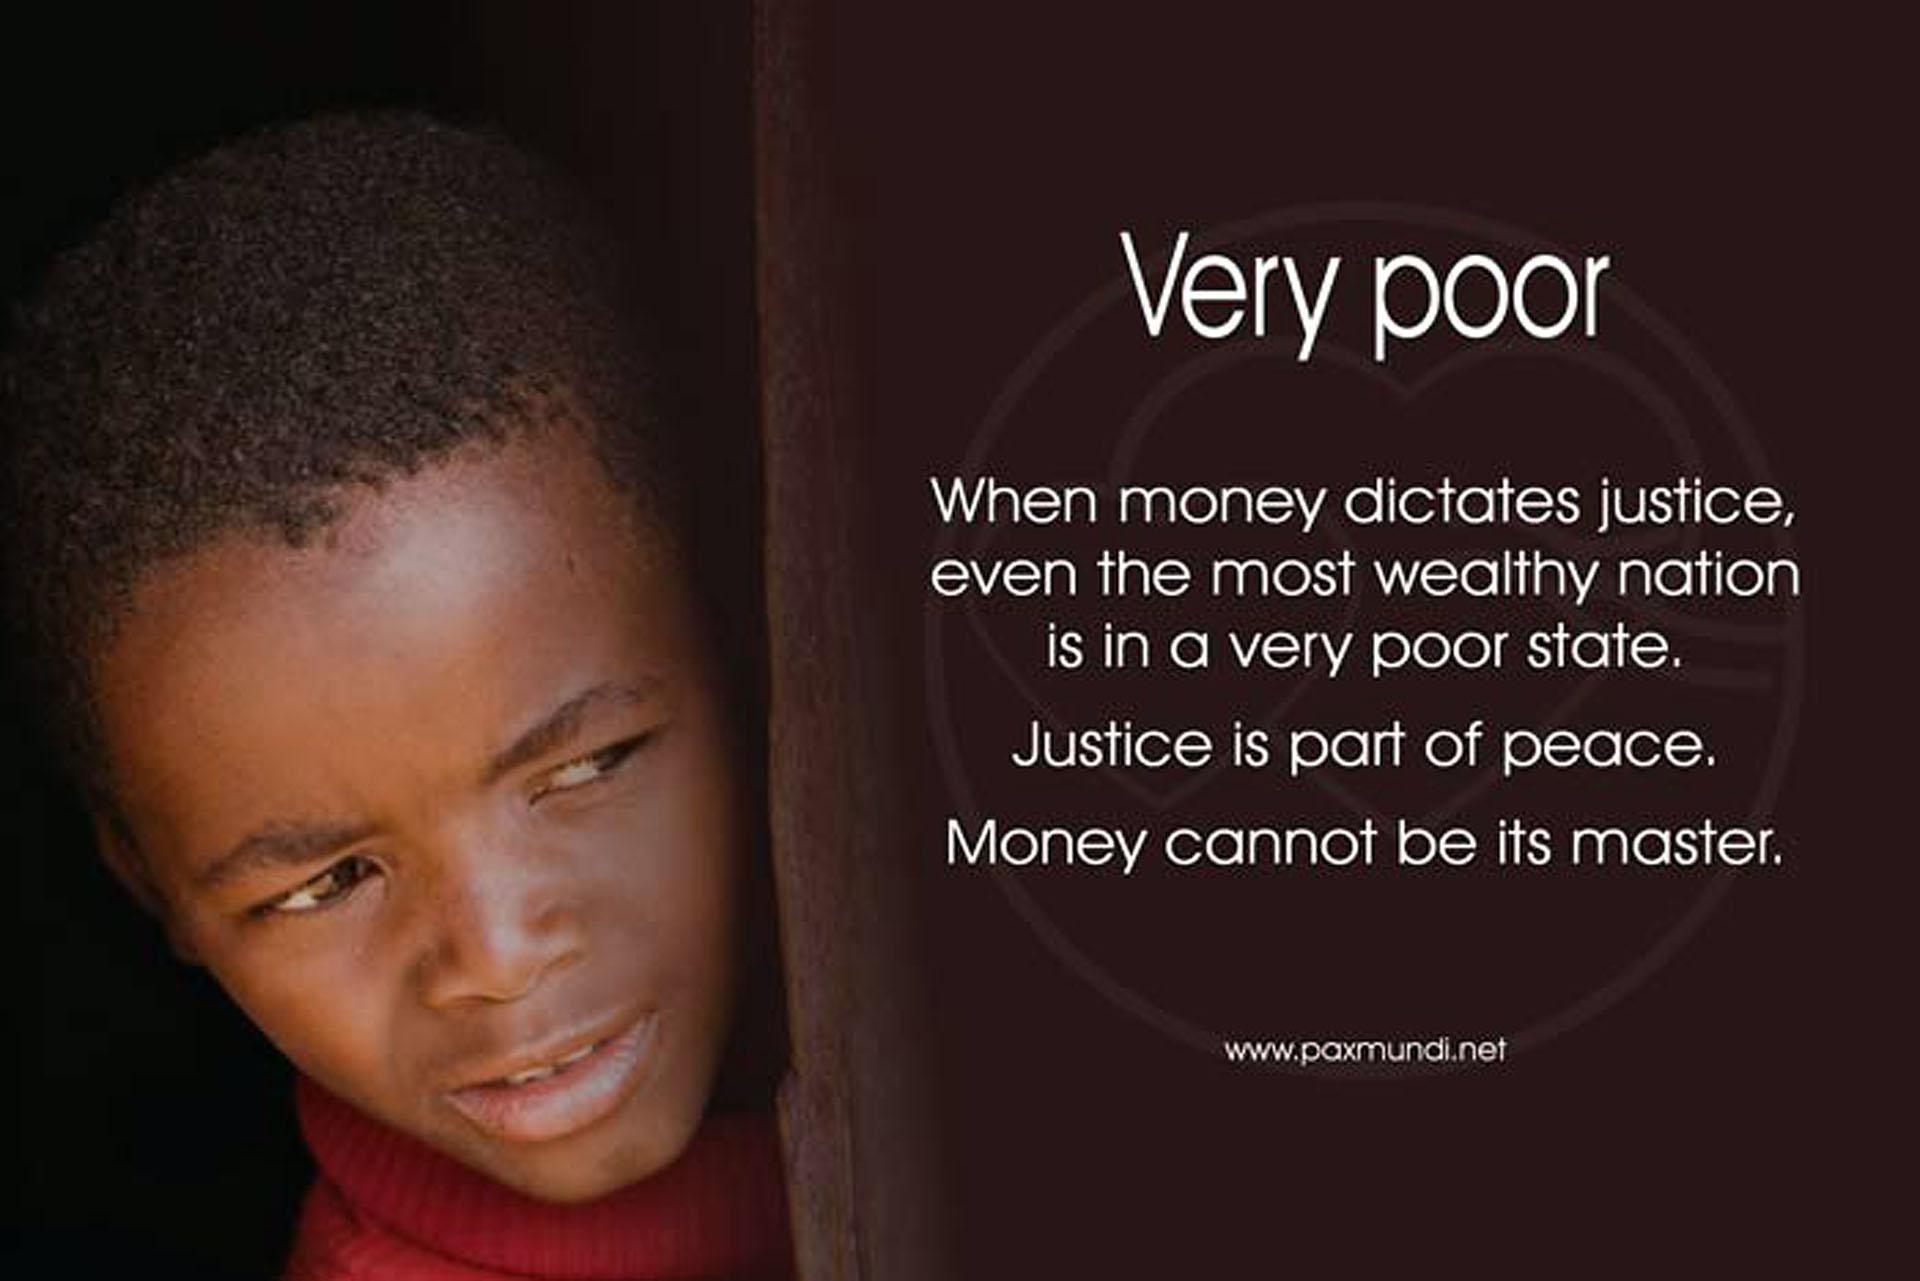 Very poor